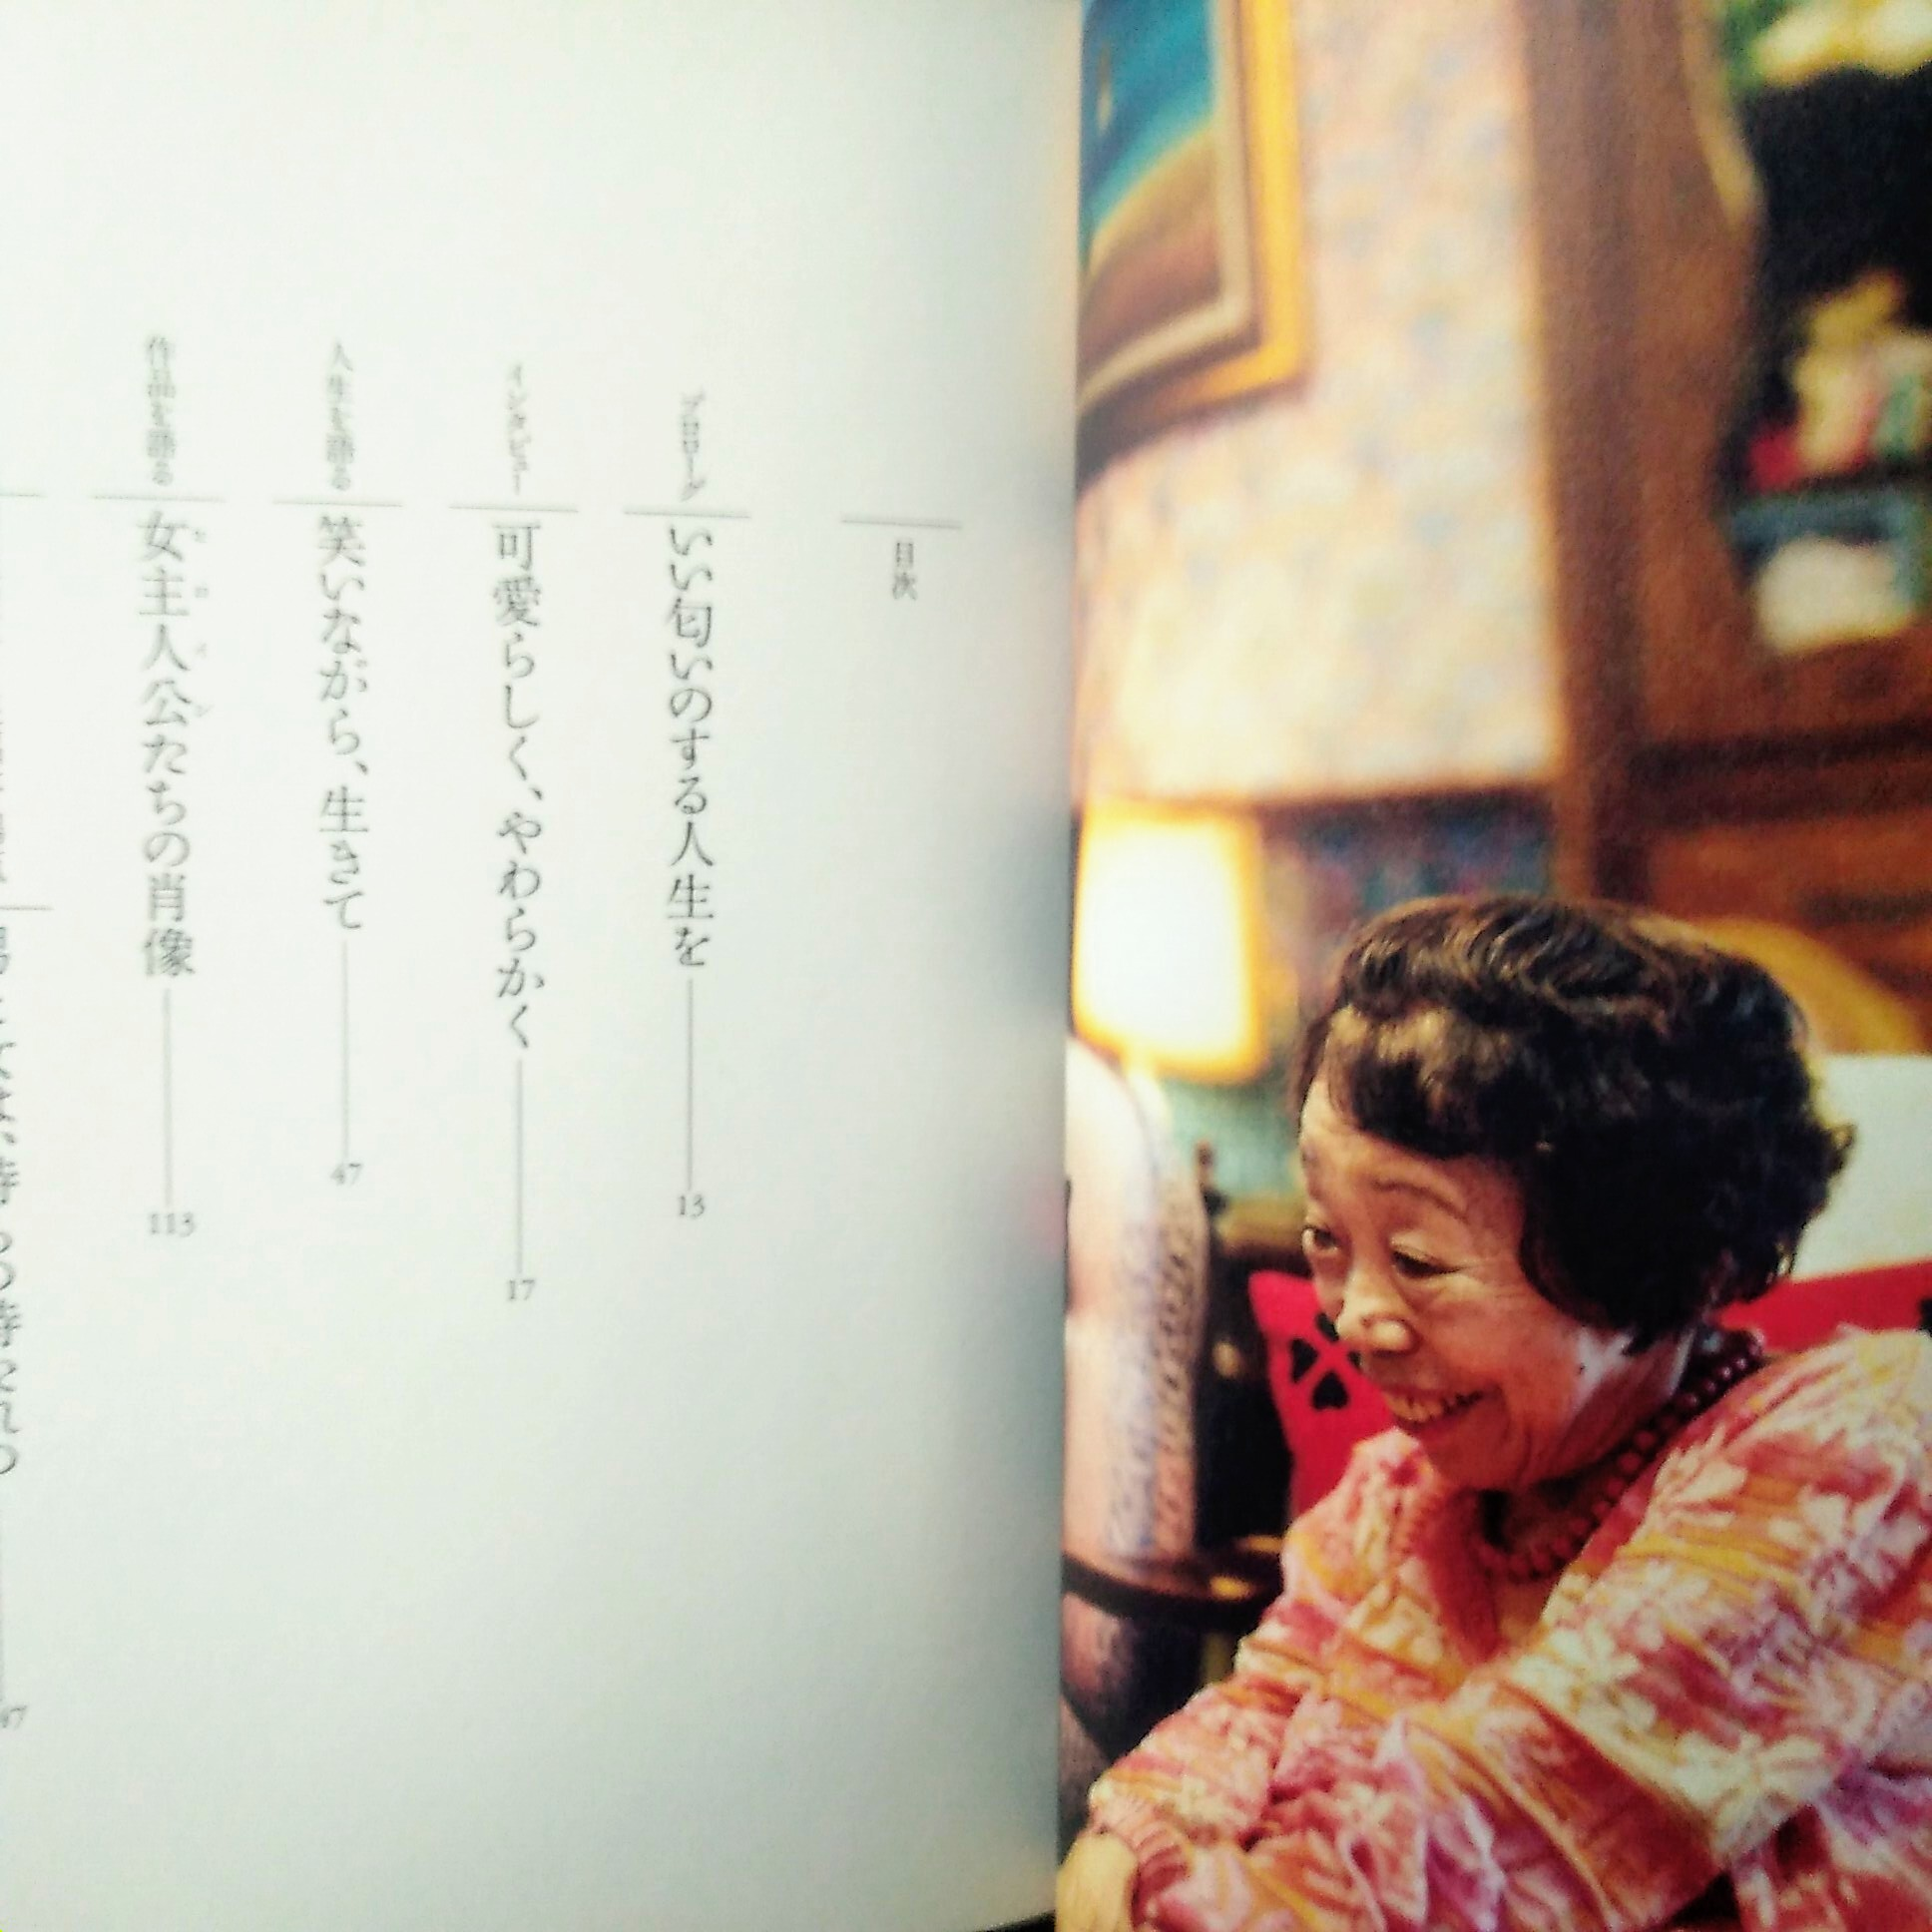 「一生、女の子」田辺聖子さんのエッセイ。